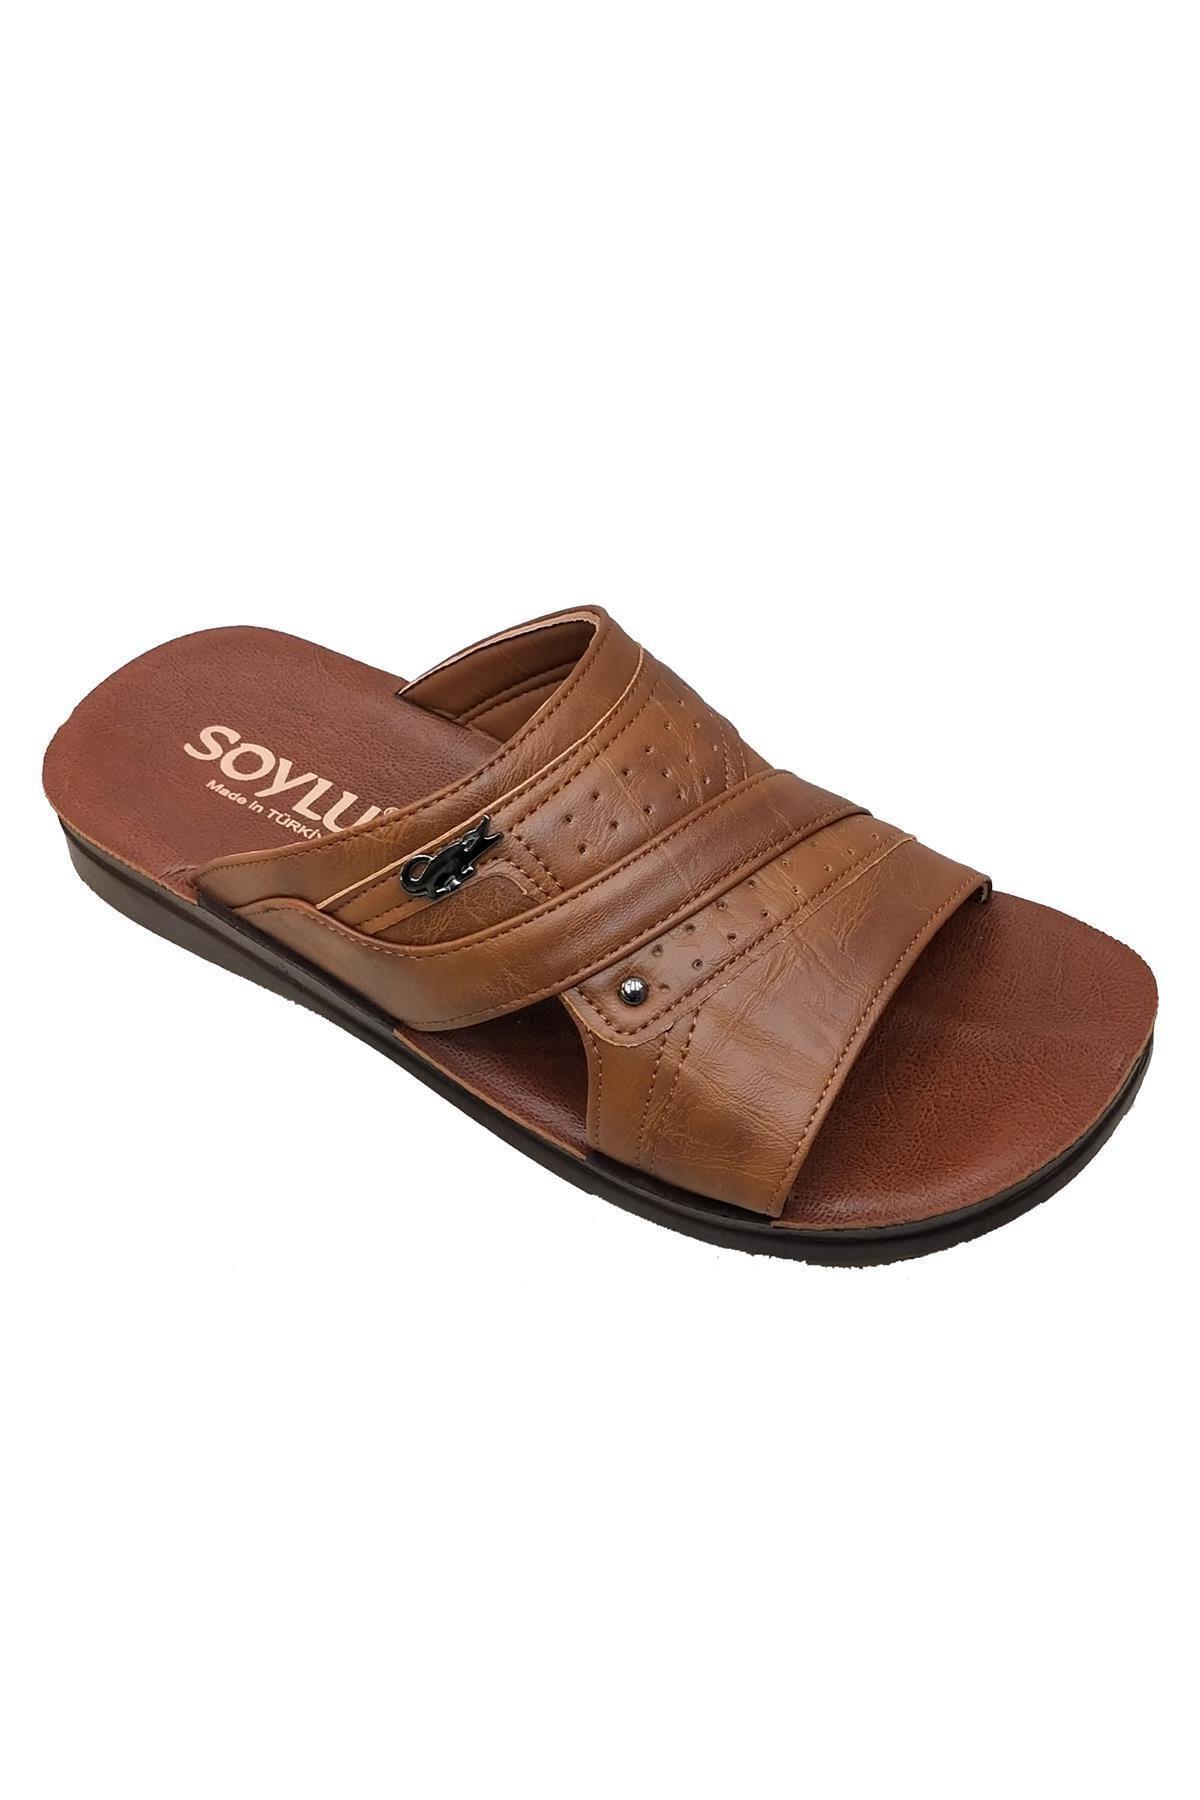 SOYLU 2522 Trend Fashion Erkek Terlik 1